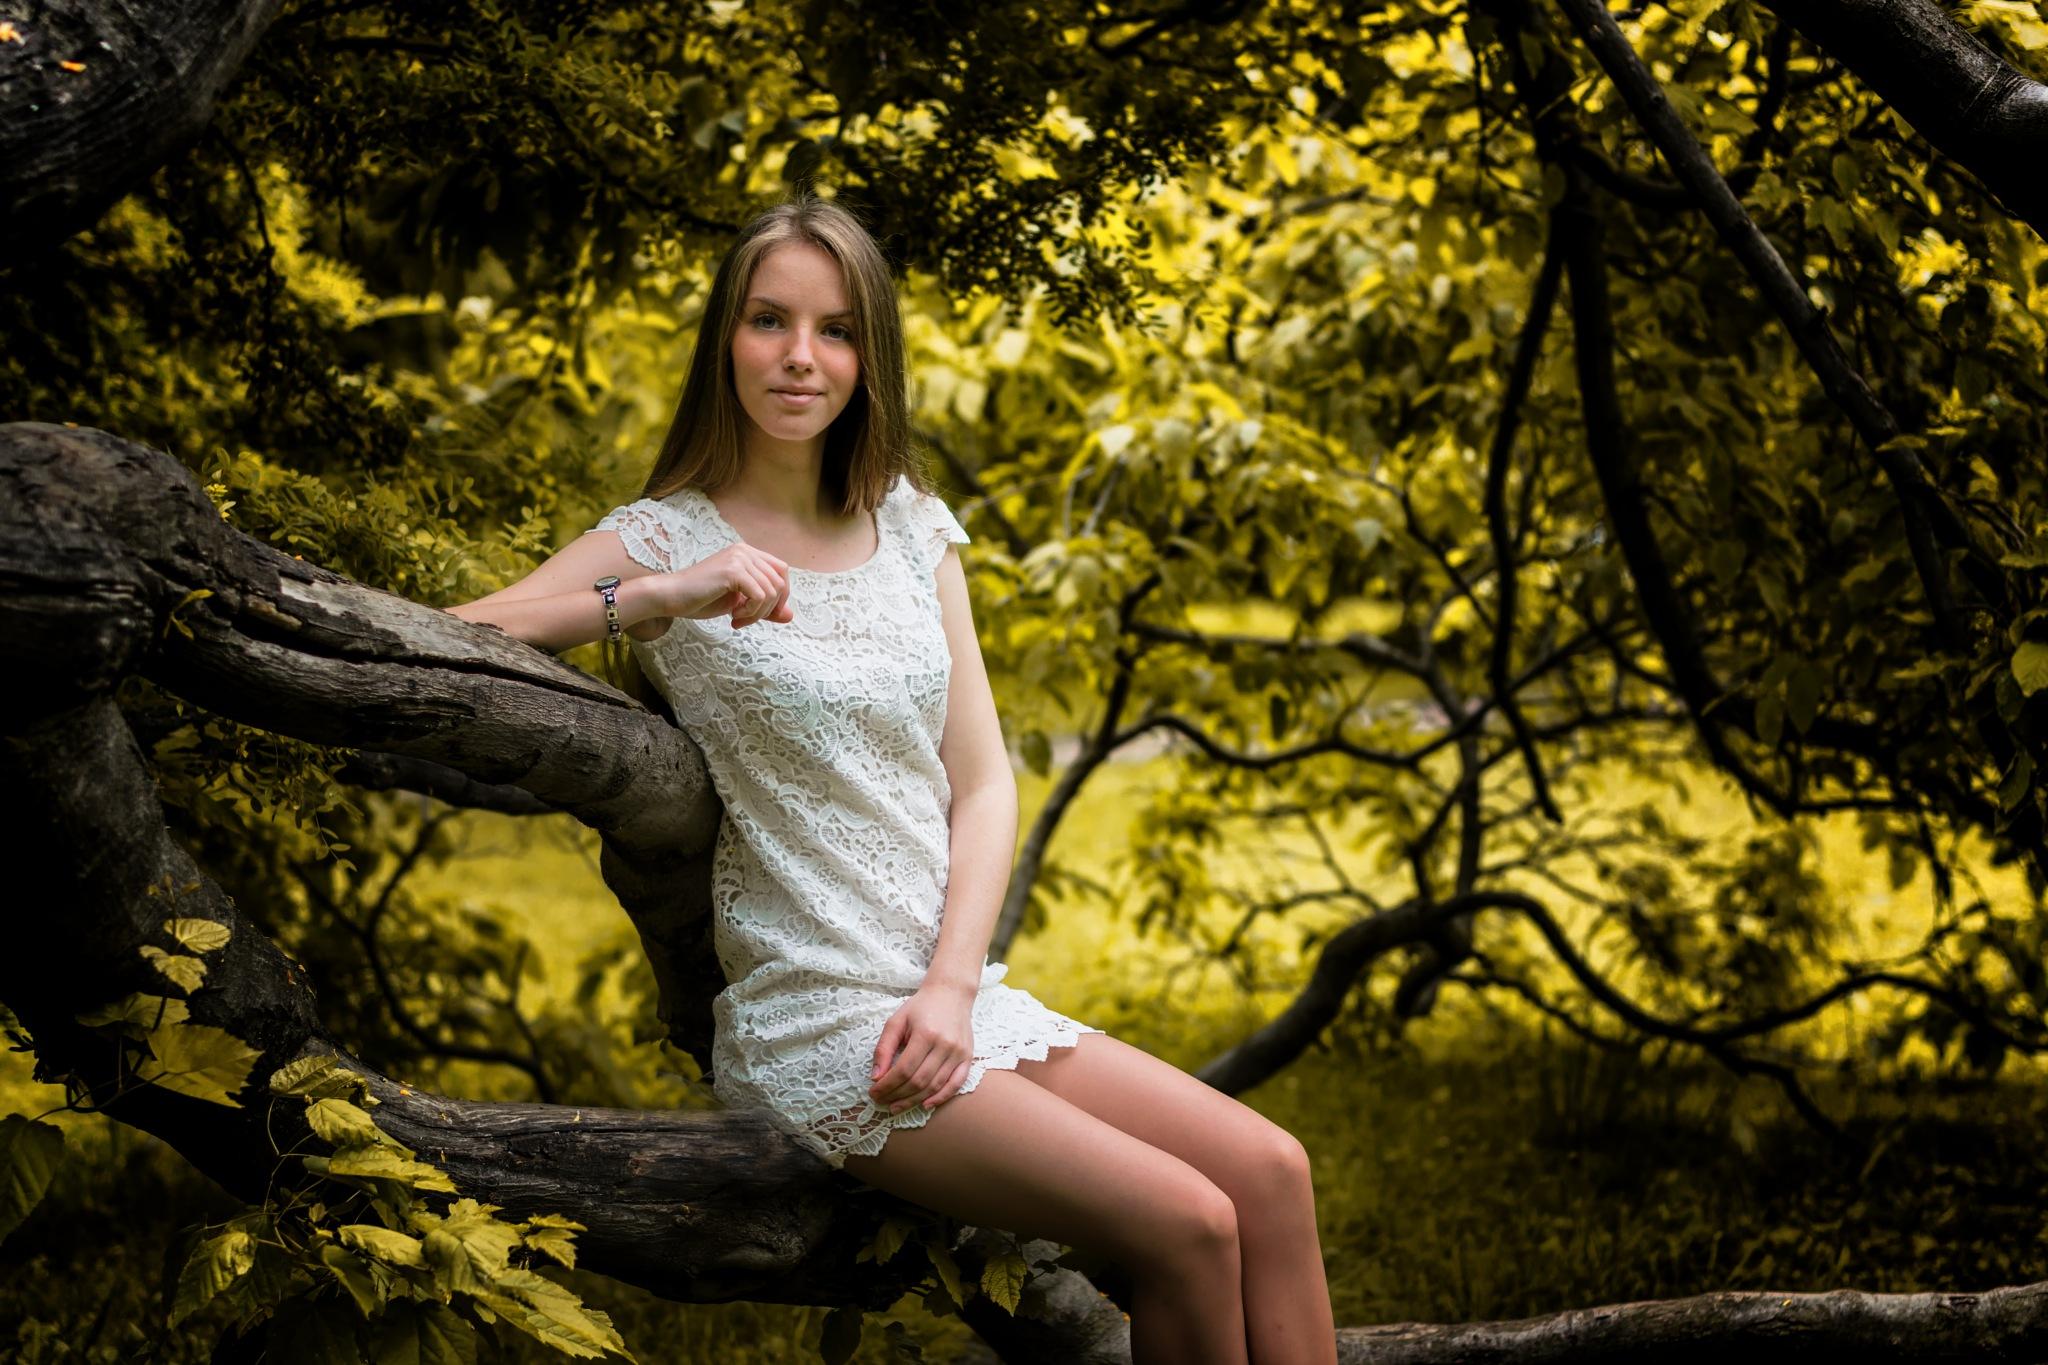 Juliya by Roman Alyabev